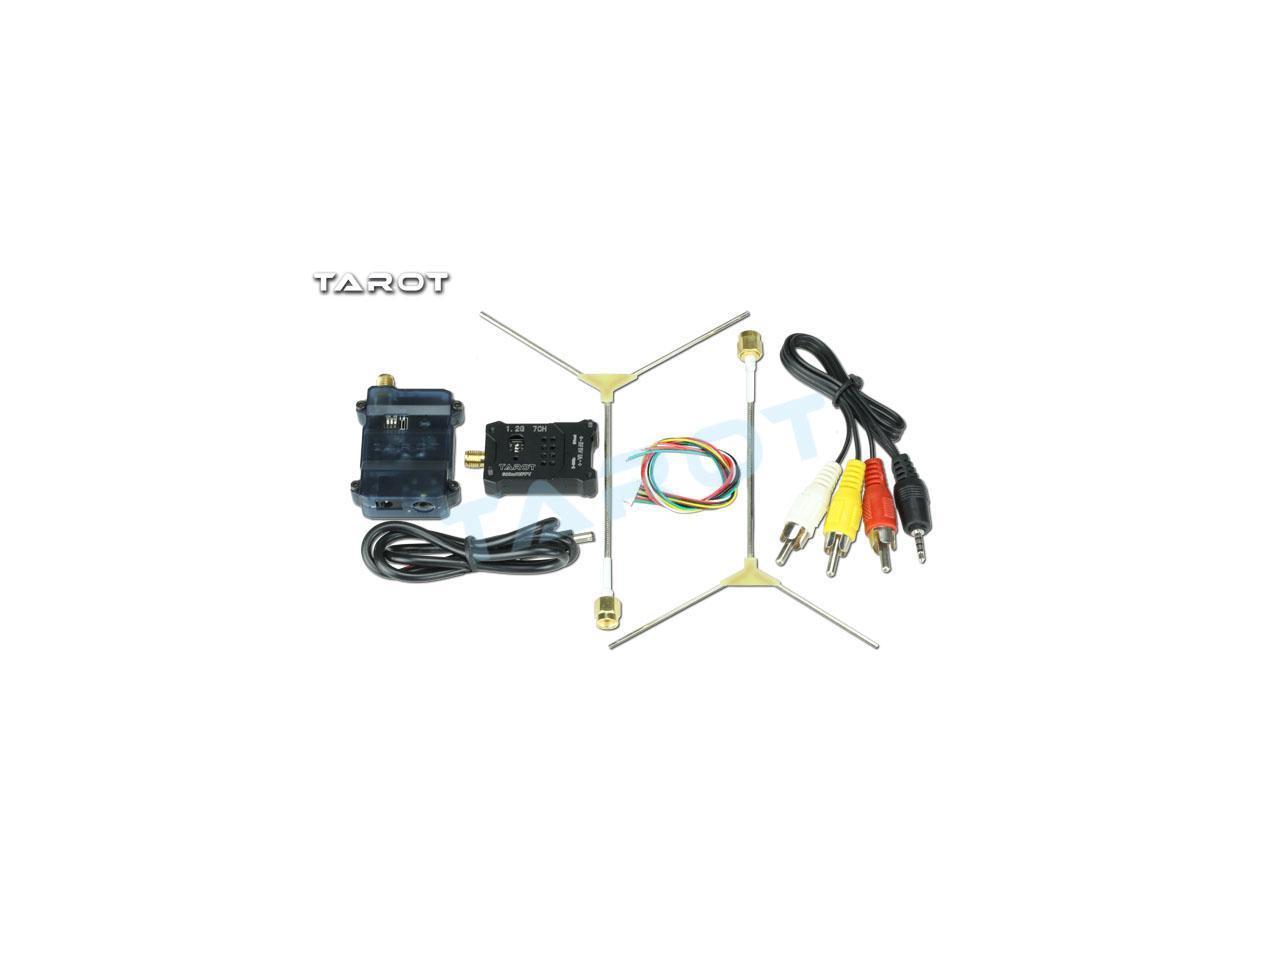 Tarot 1 2g Fpv 600mw R Tx Tl300n5 Av Wireless Wiring